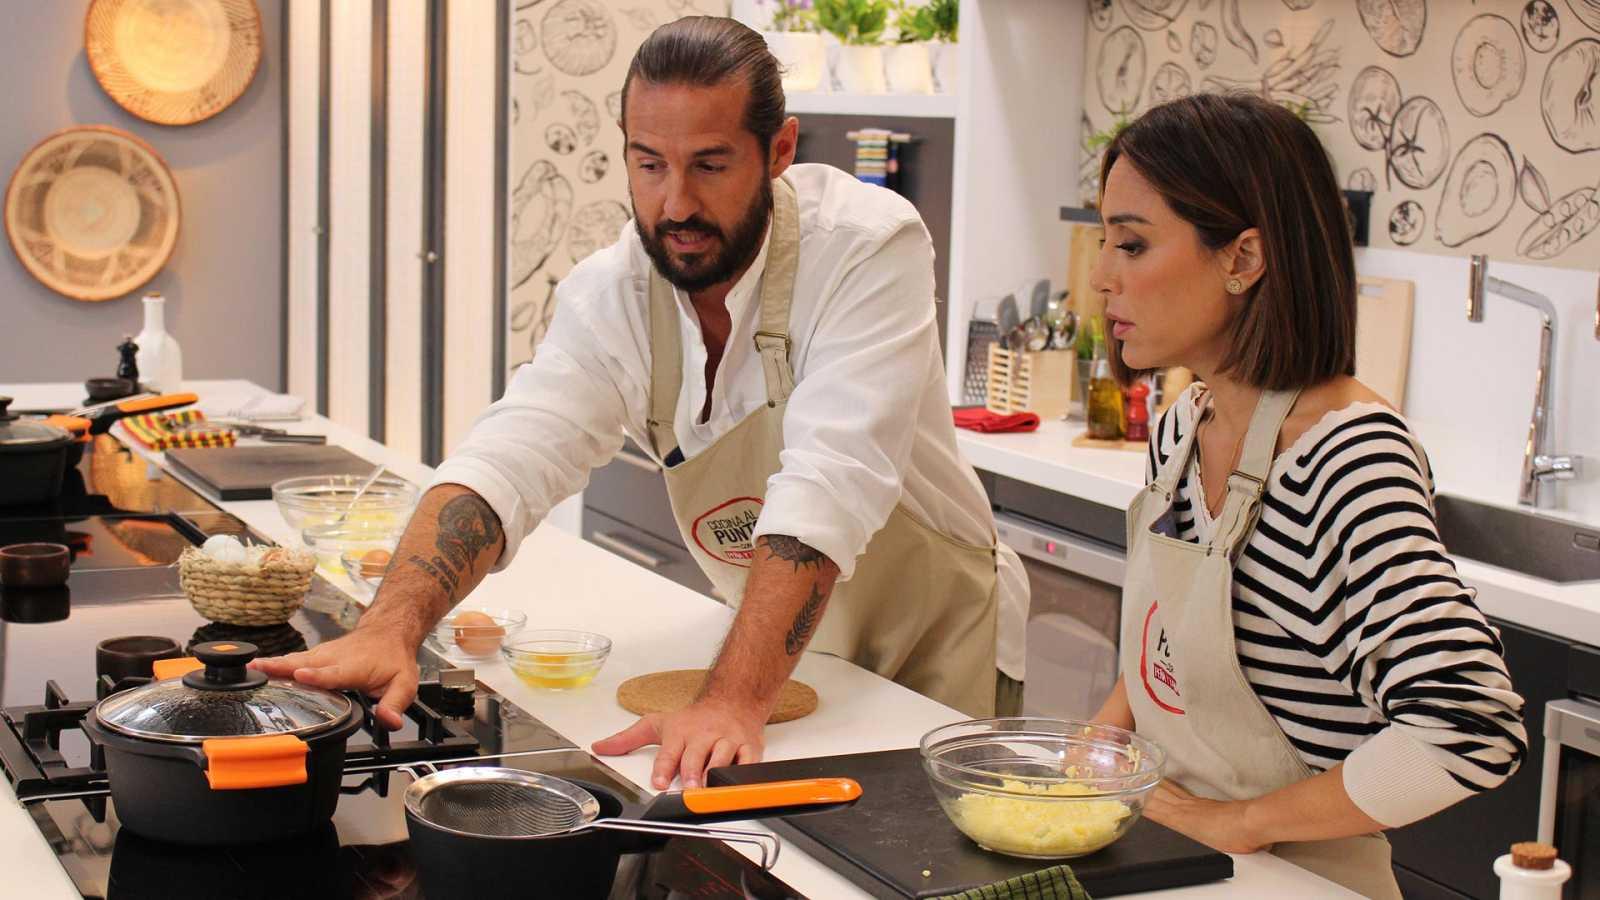 Cocina al punto con Peña y Tamara - Huevo - ver ahora